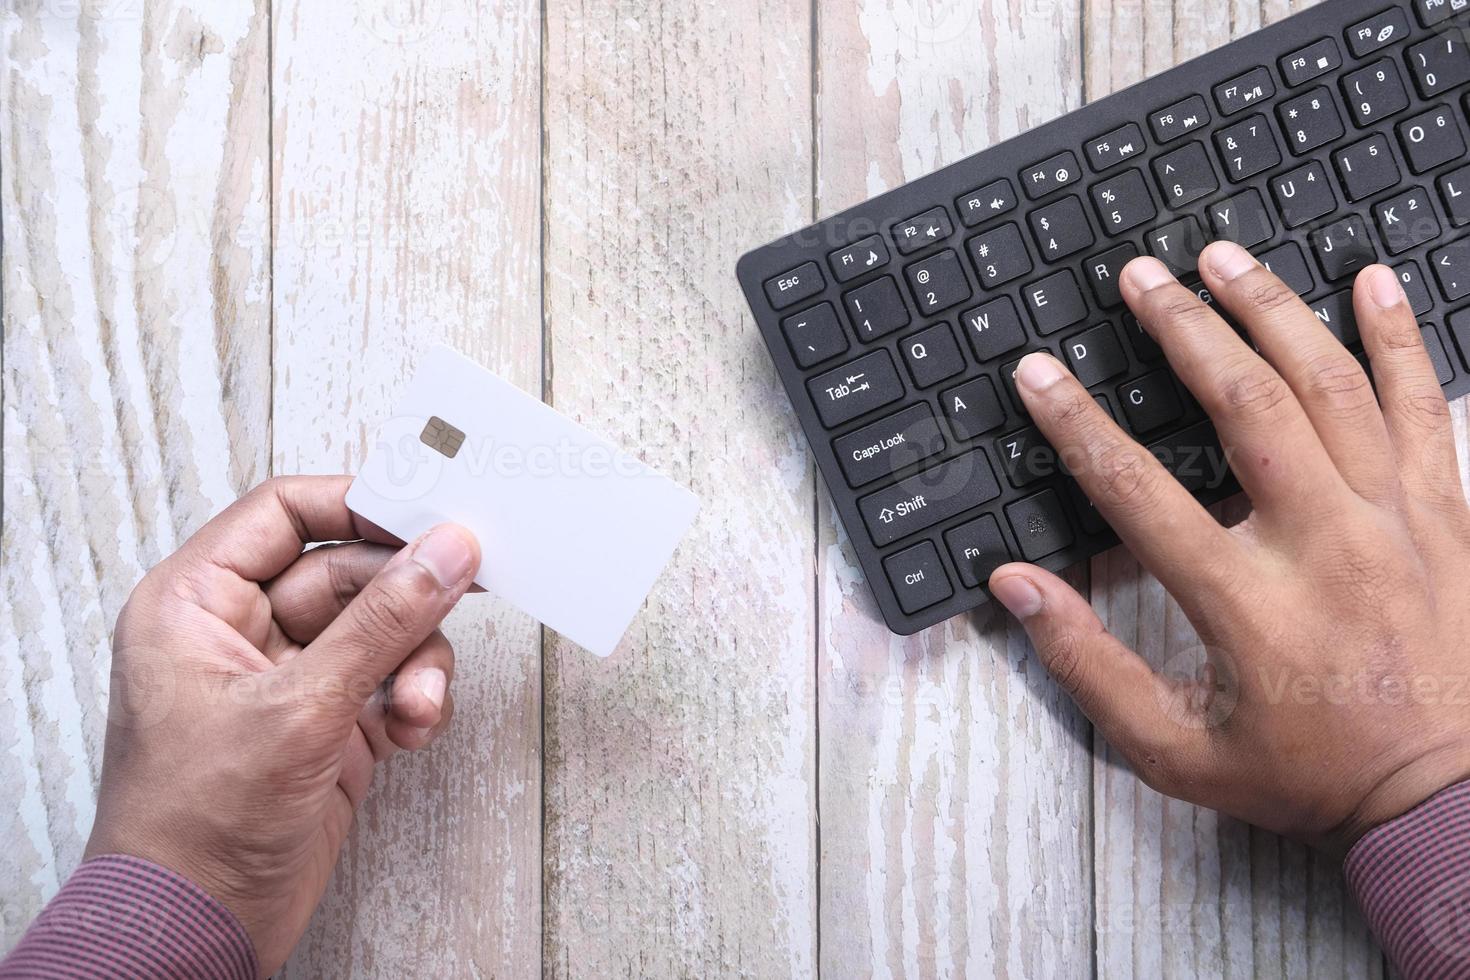 Mann mit Kreditkarte, um etwas online zu kaufen foto